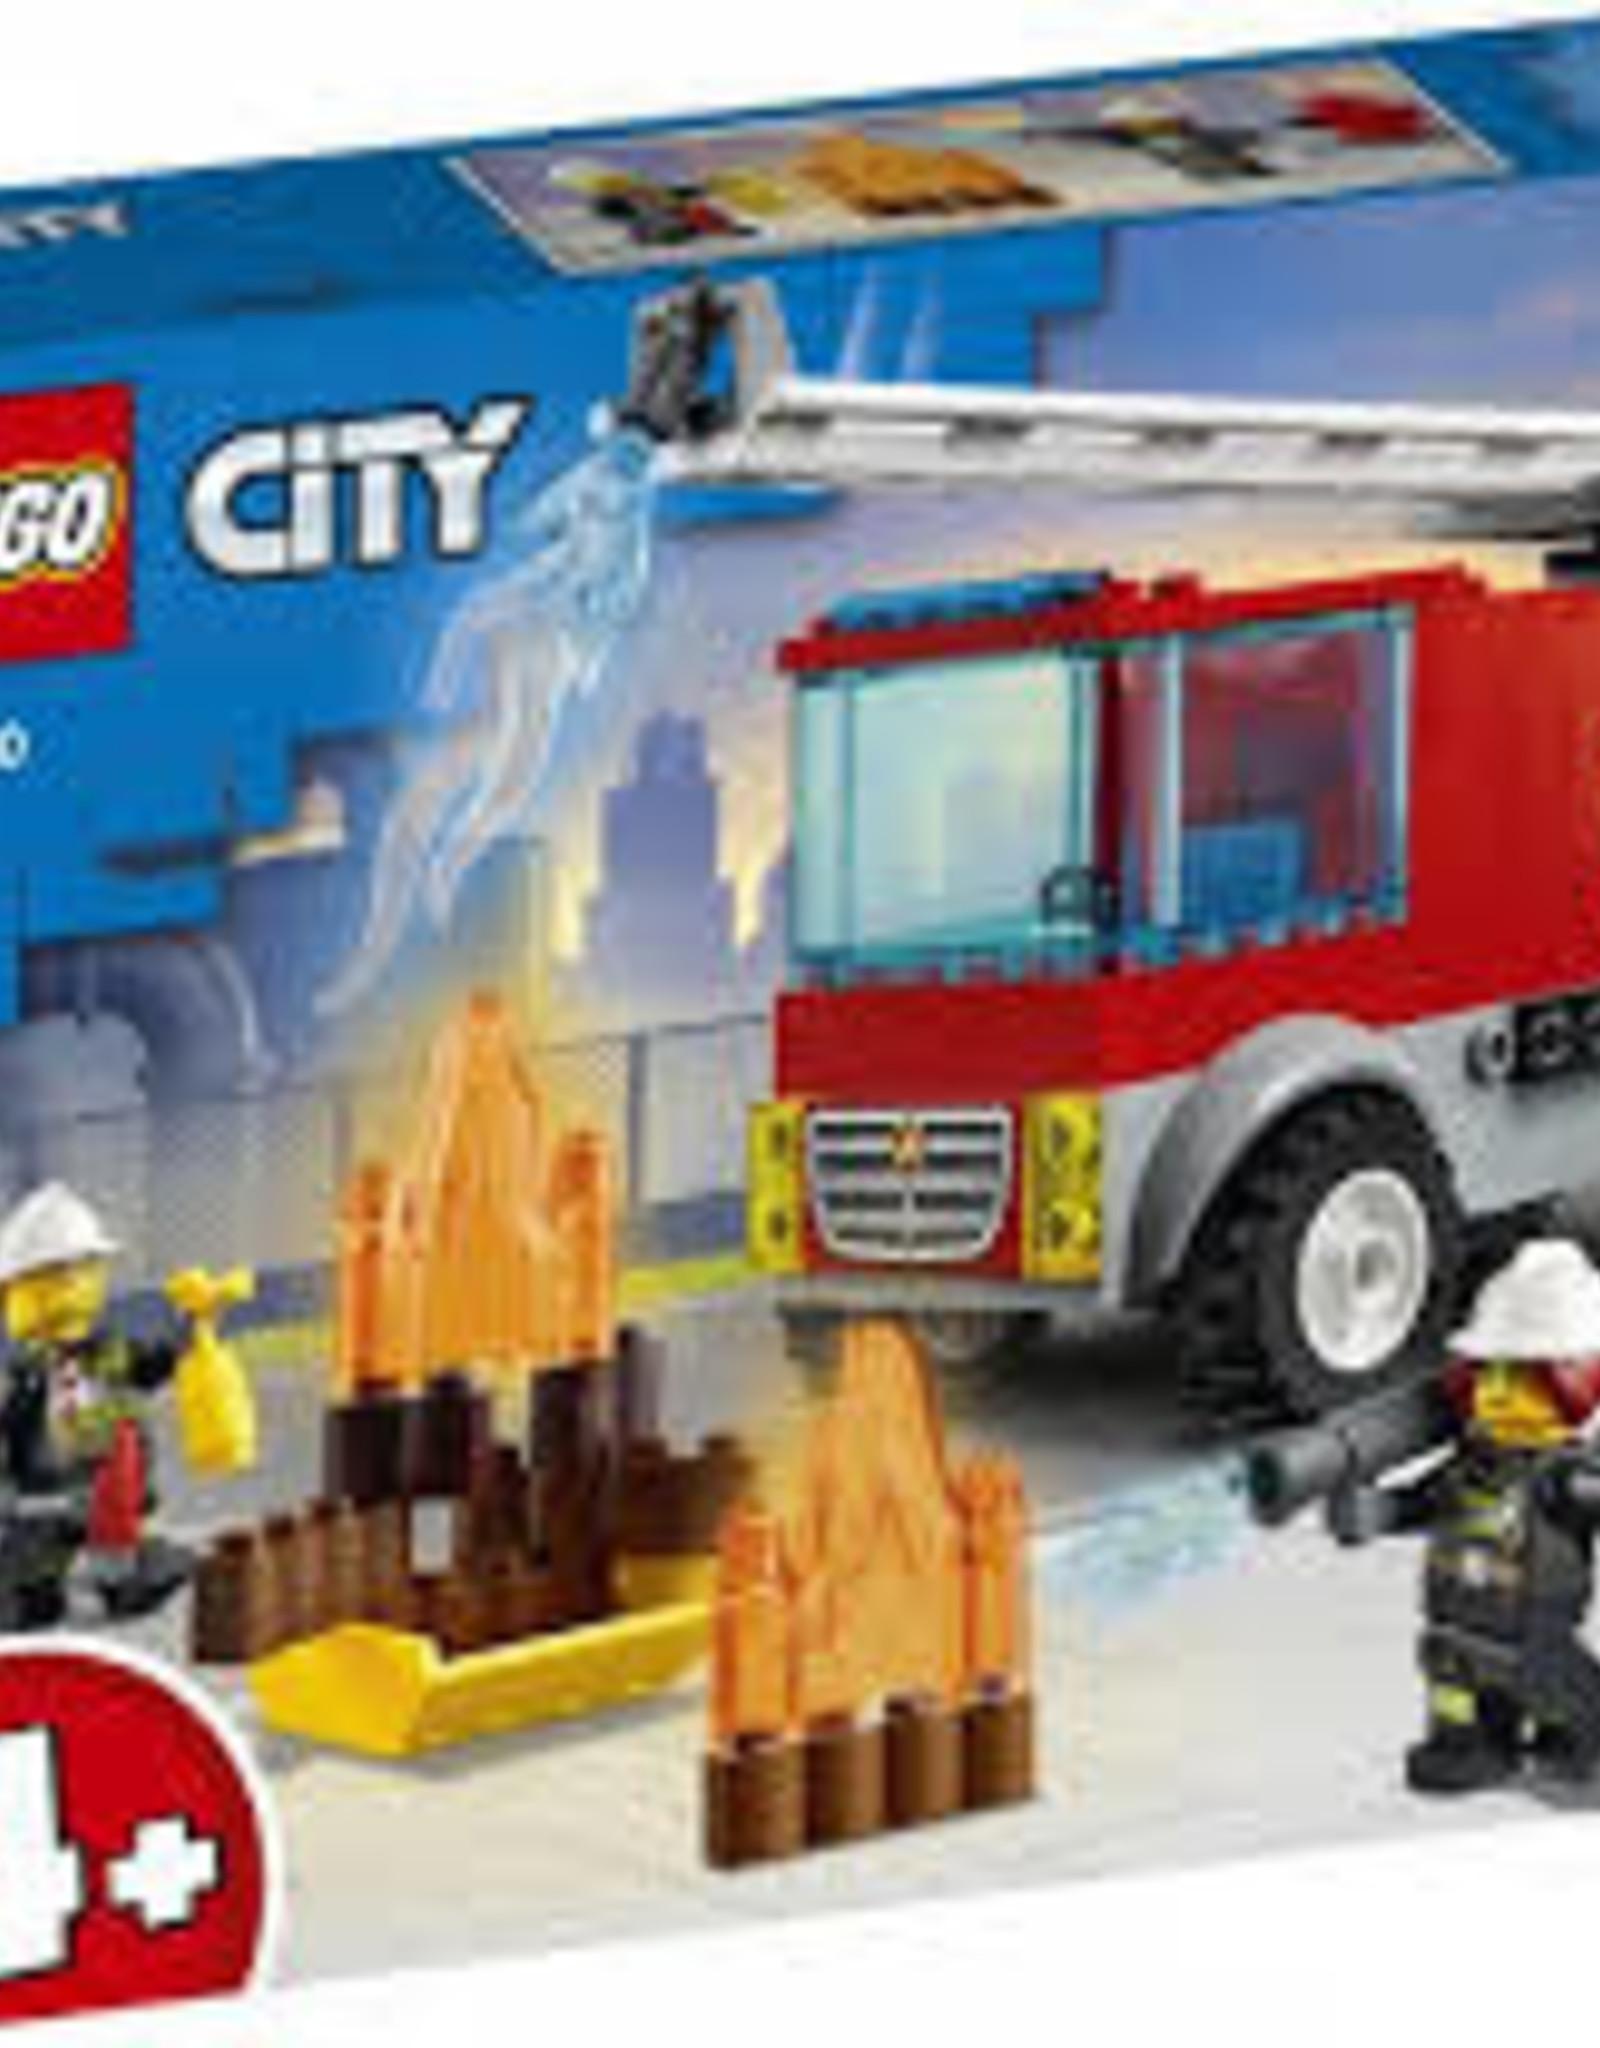 City: Fire Fire Ladder Truck